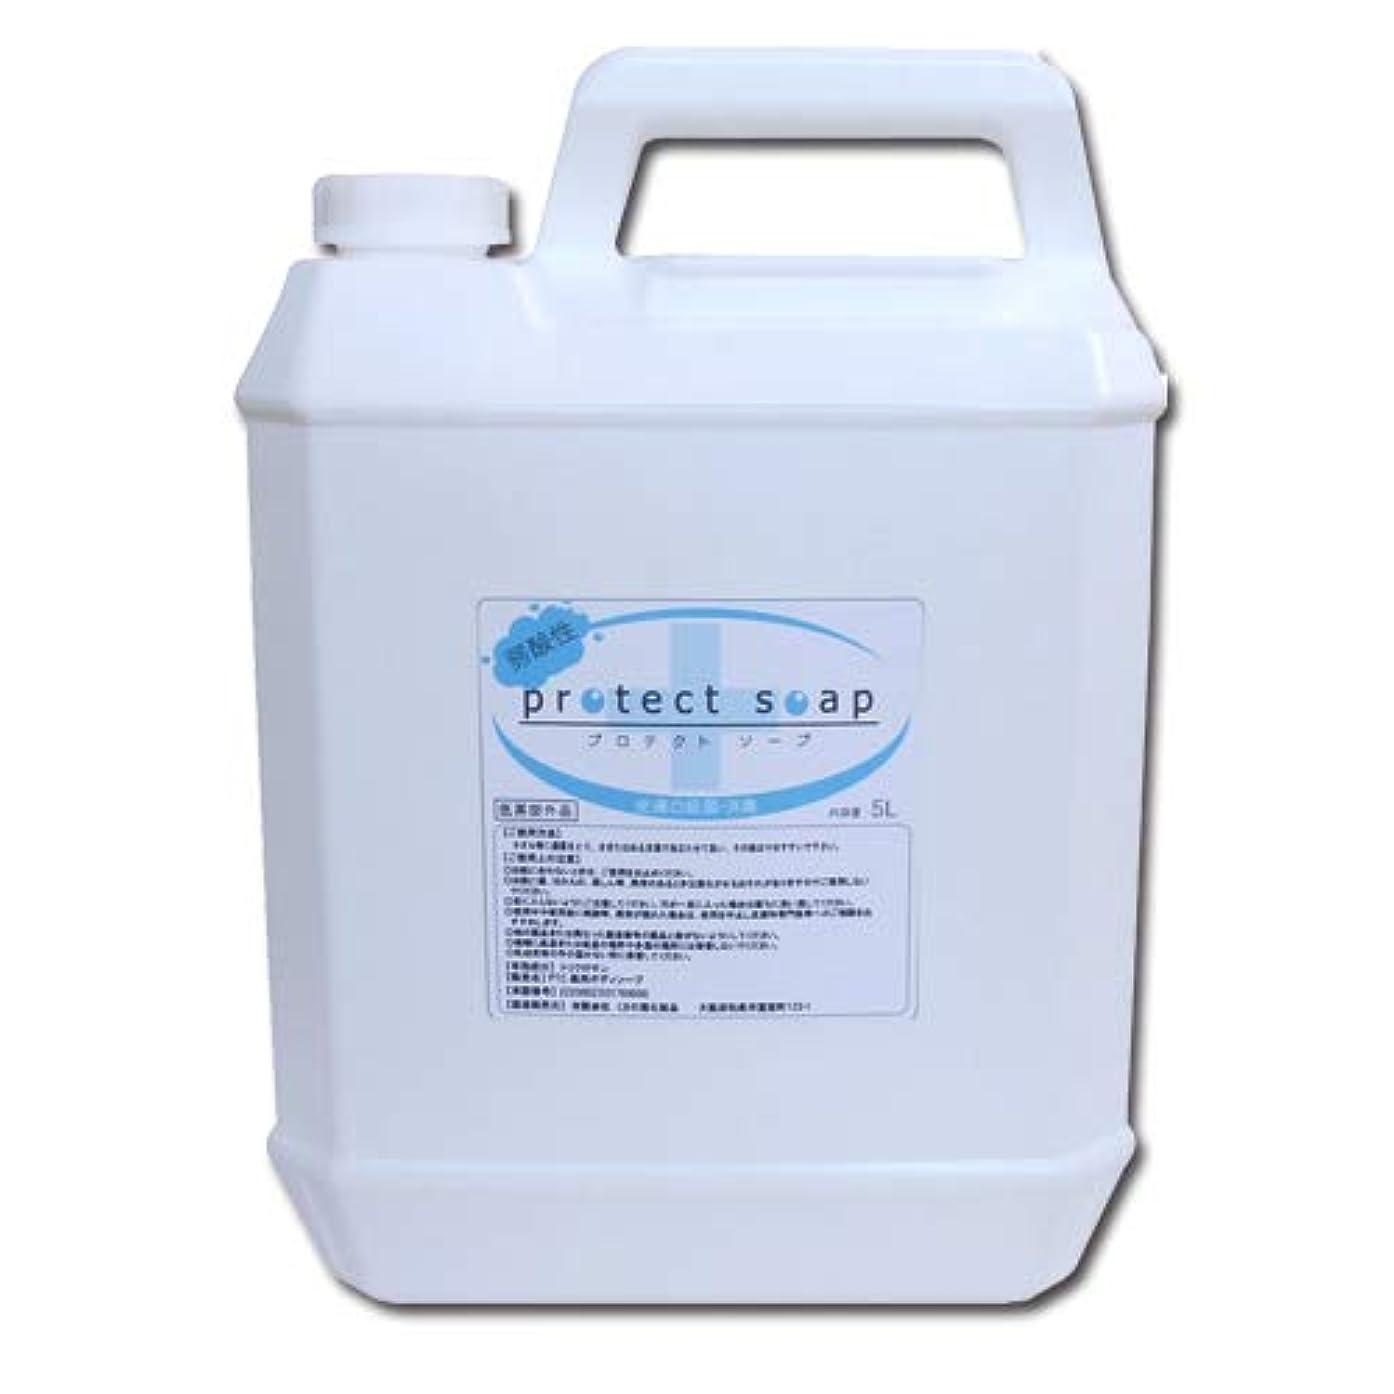 メドレー宿題をする必要としている低刺激弱酸性 液体石鹸 プロテクトソープ 5L 業務用│せっけん液 液体せっけん 殺菌?消毒 インフルエンザ?ノロウィルス対策